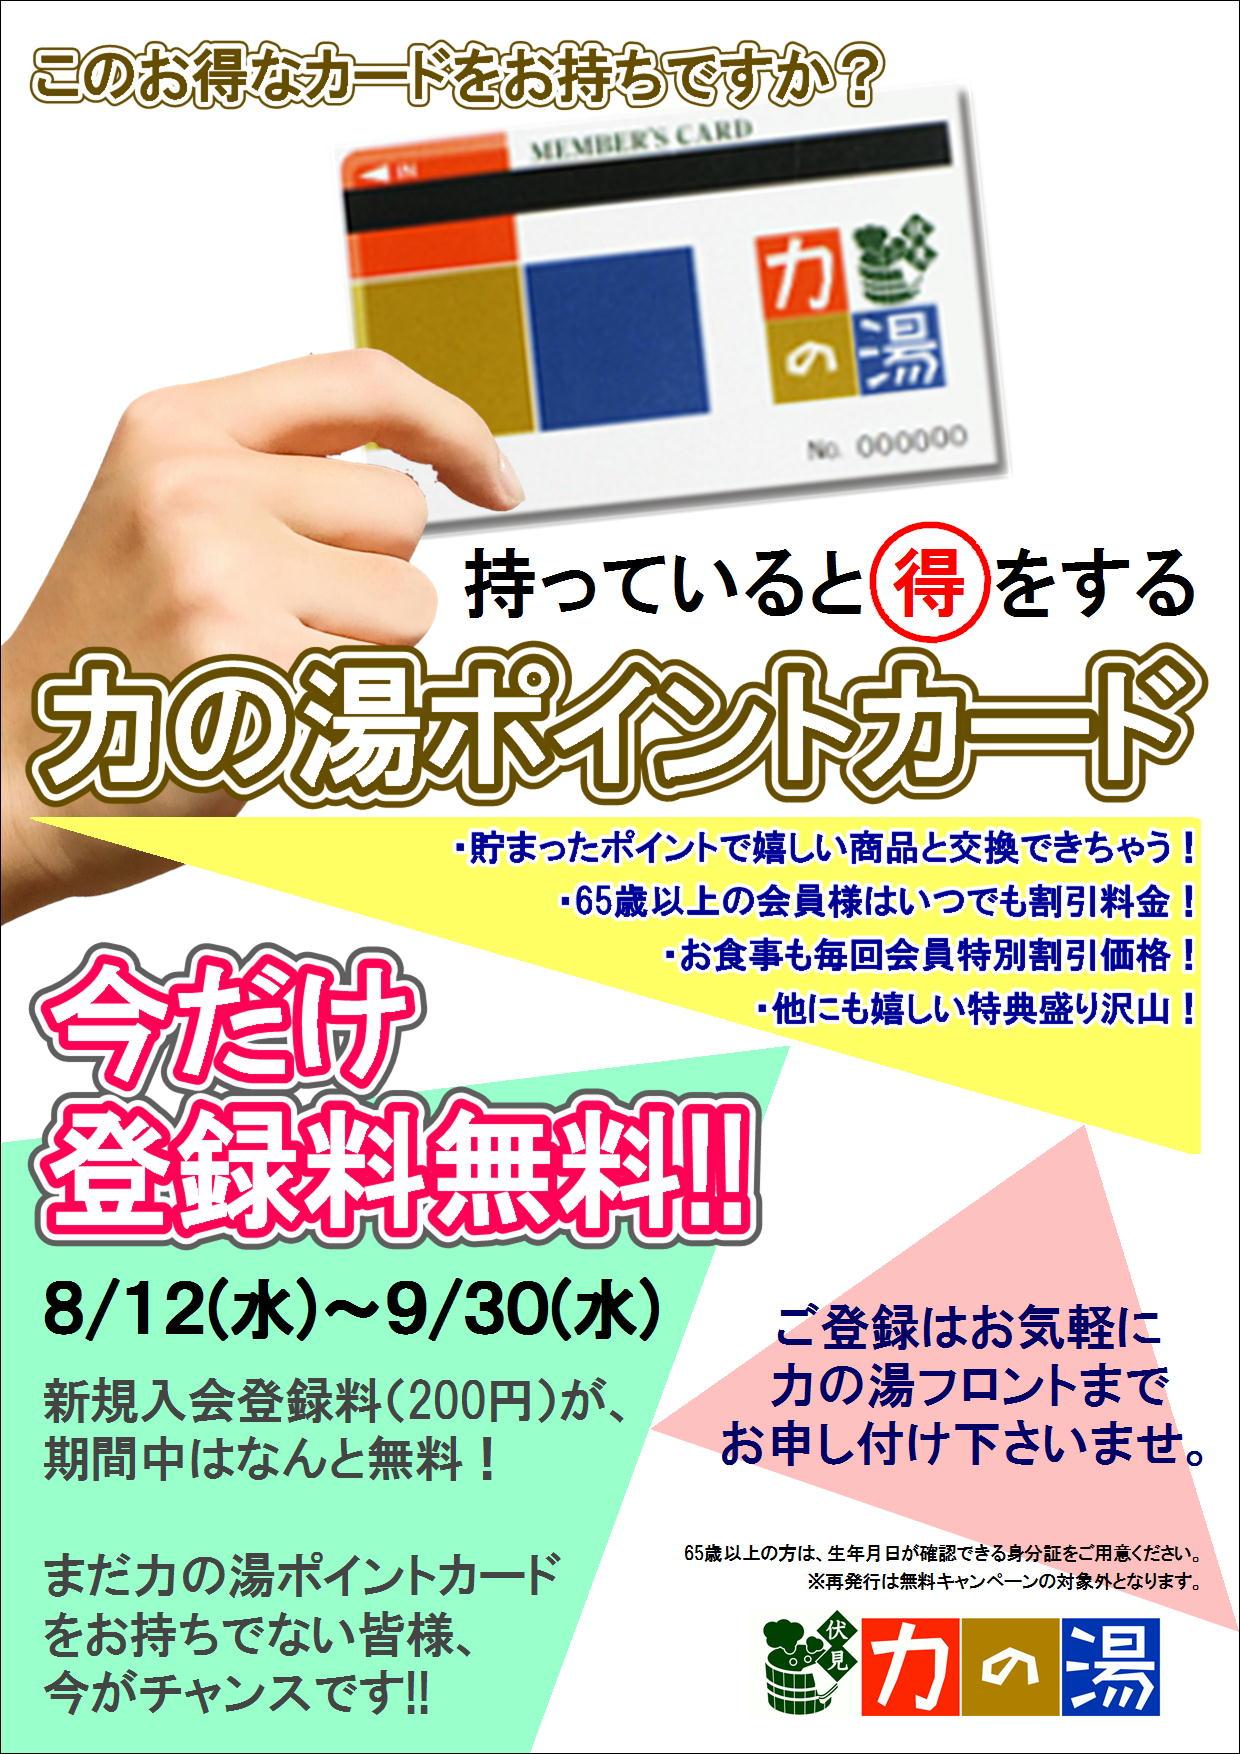 力の湯ポイントカード入会キャンペーン実施中(9/30まで)